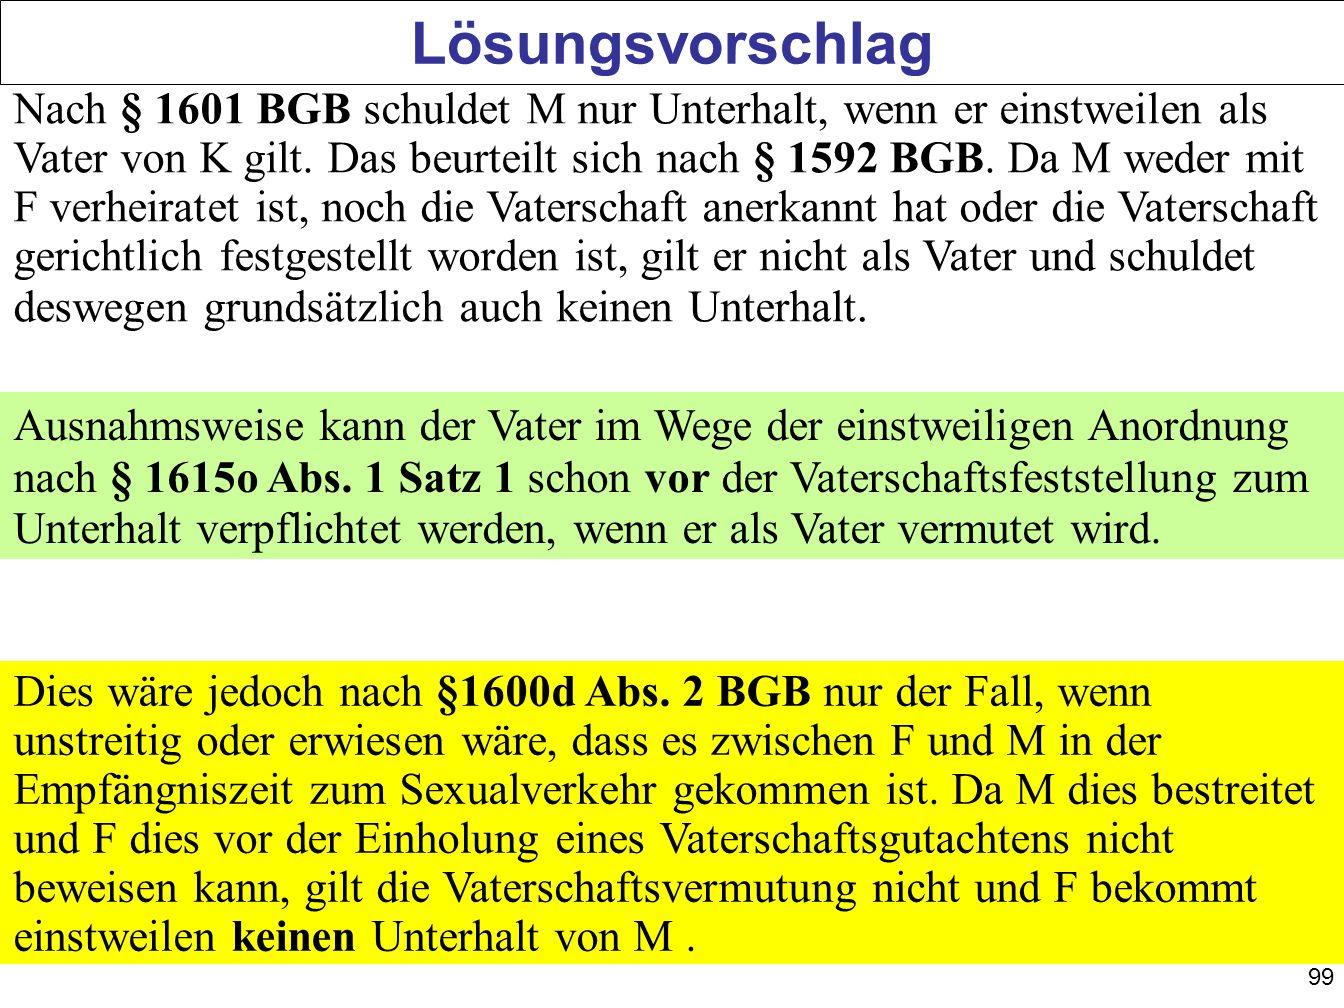 99 Lösungsvorschlag Nach § 1601 BGB schuldet M nur Unterhalt, wenn er einstweilen als Vater von K gilt. Das beurteilt sich nach § 1592 BGB. Da M weder